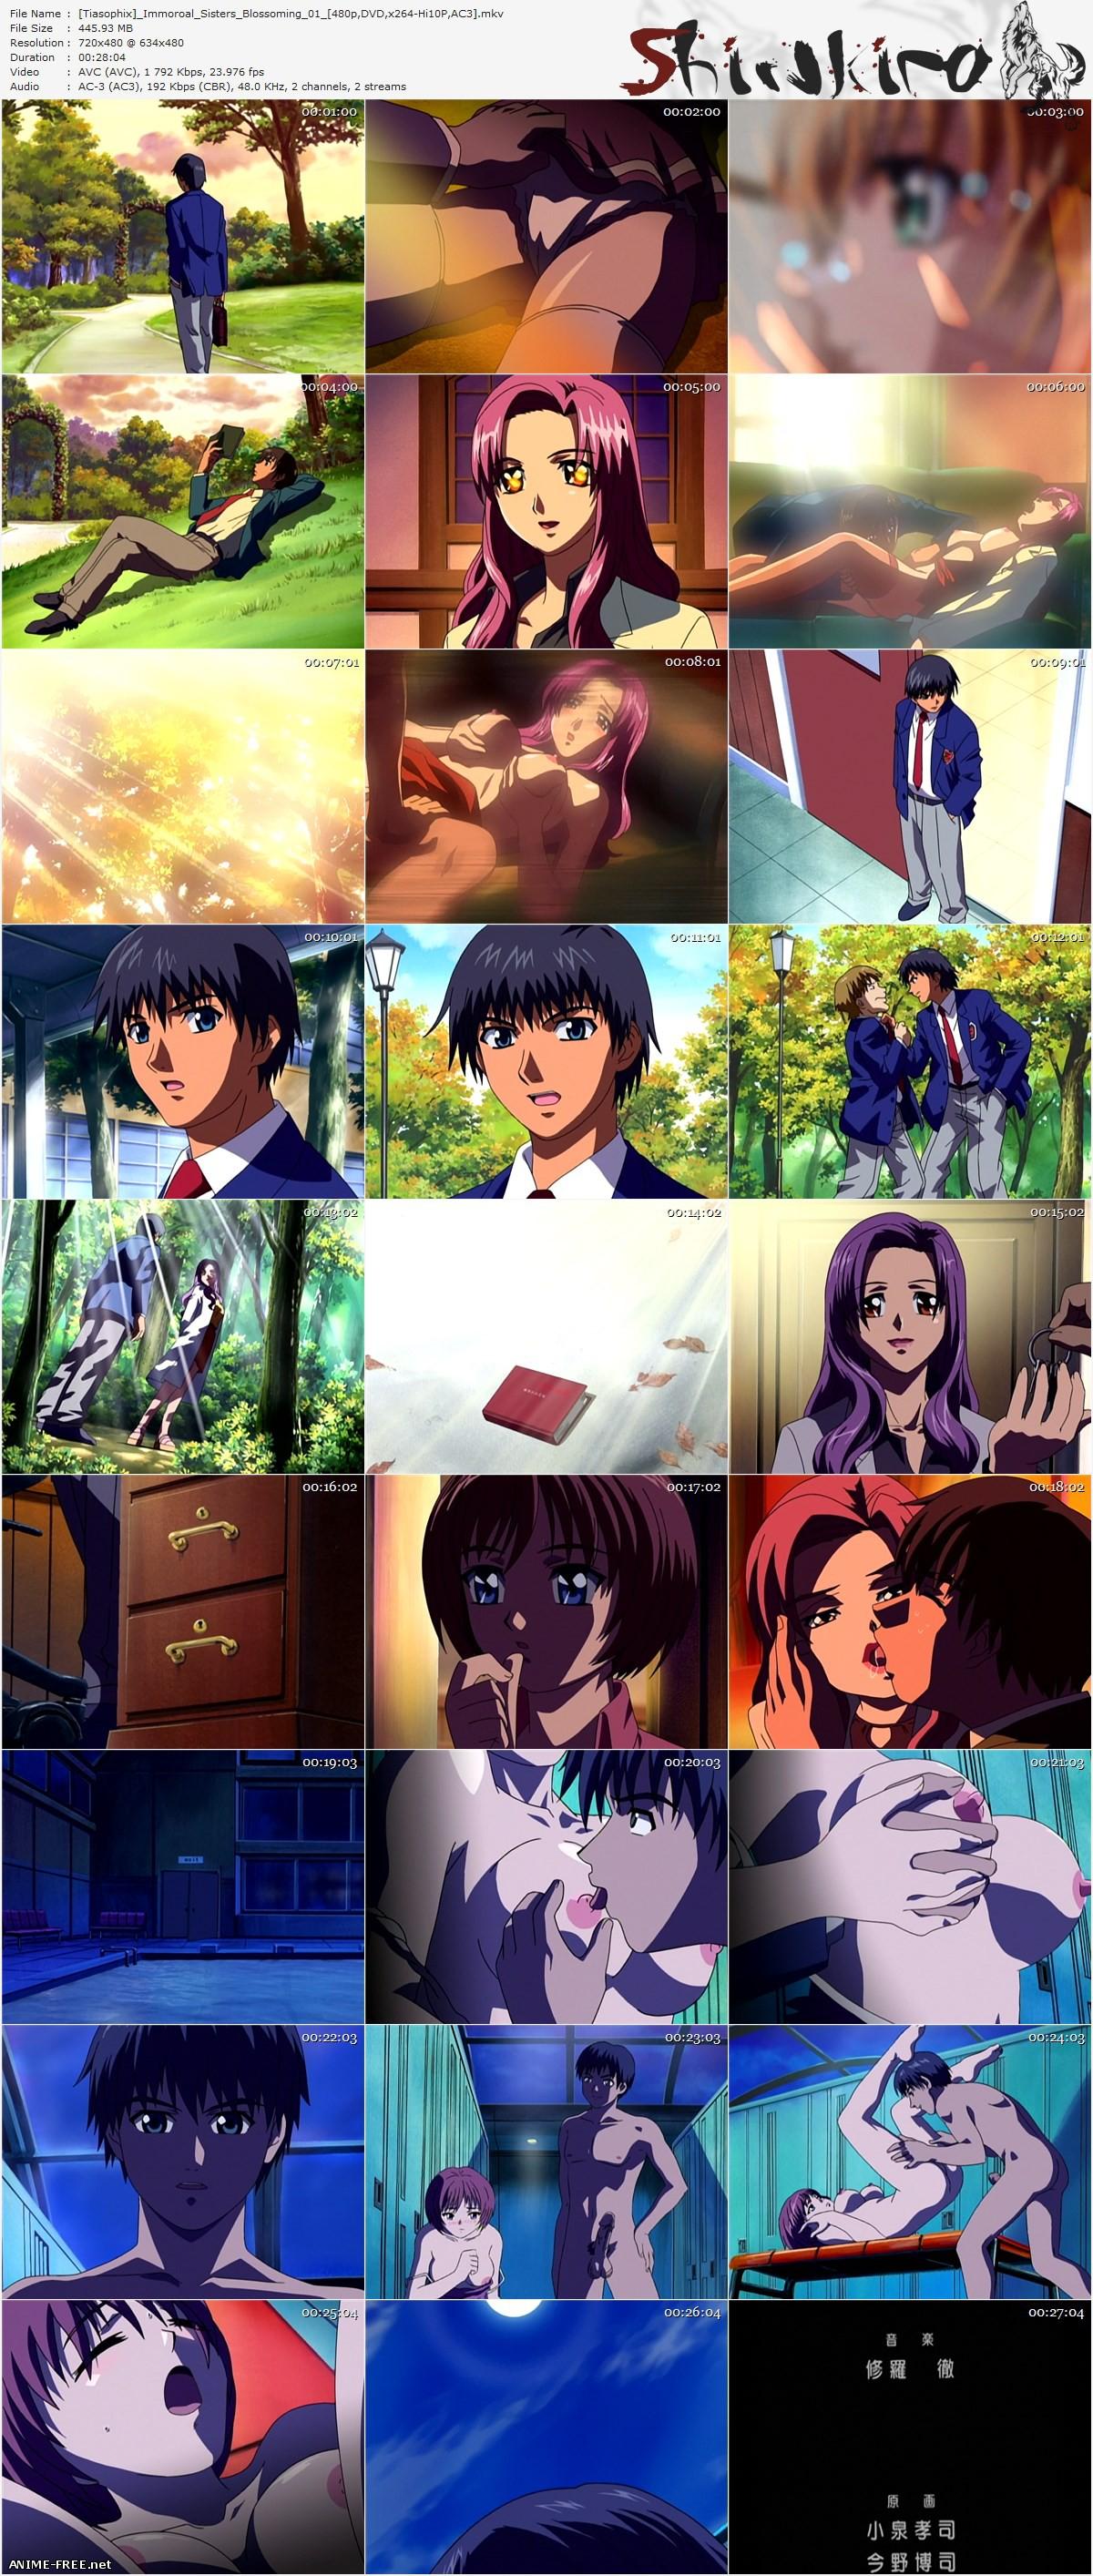 Immoral Sisters [1,2,3] / Распутные сестры [1,2,3] [7 из 7] [RUS,ENG,JAP] Anime Hentai